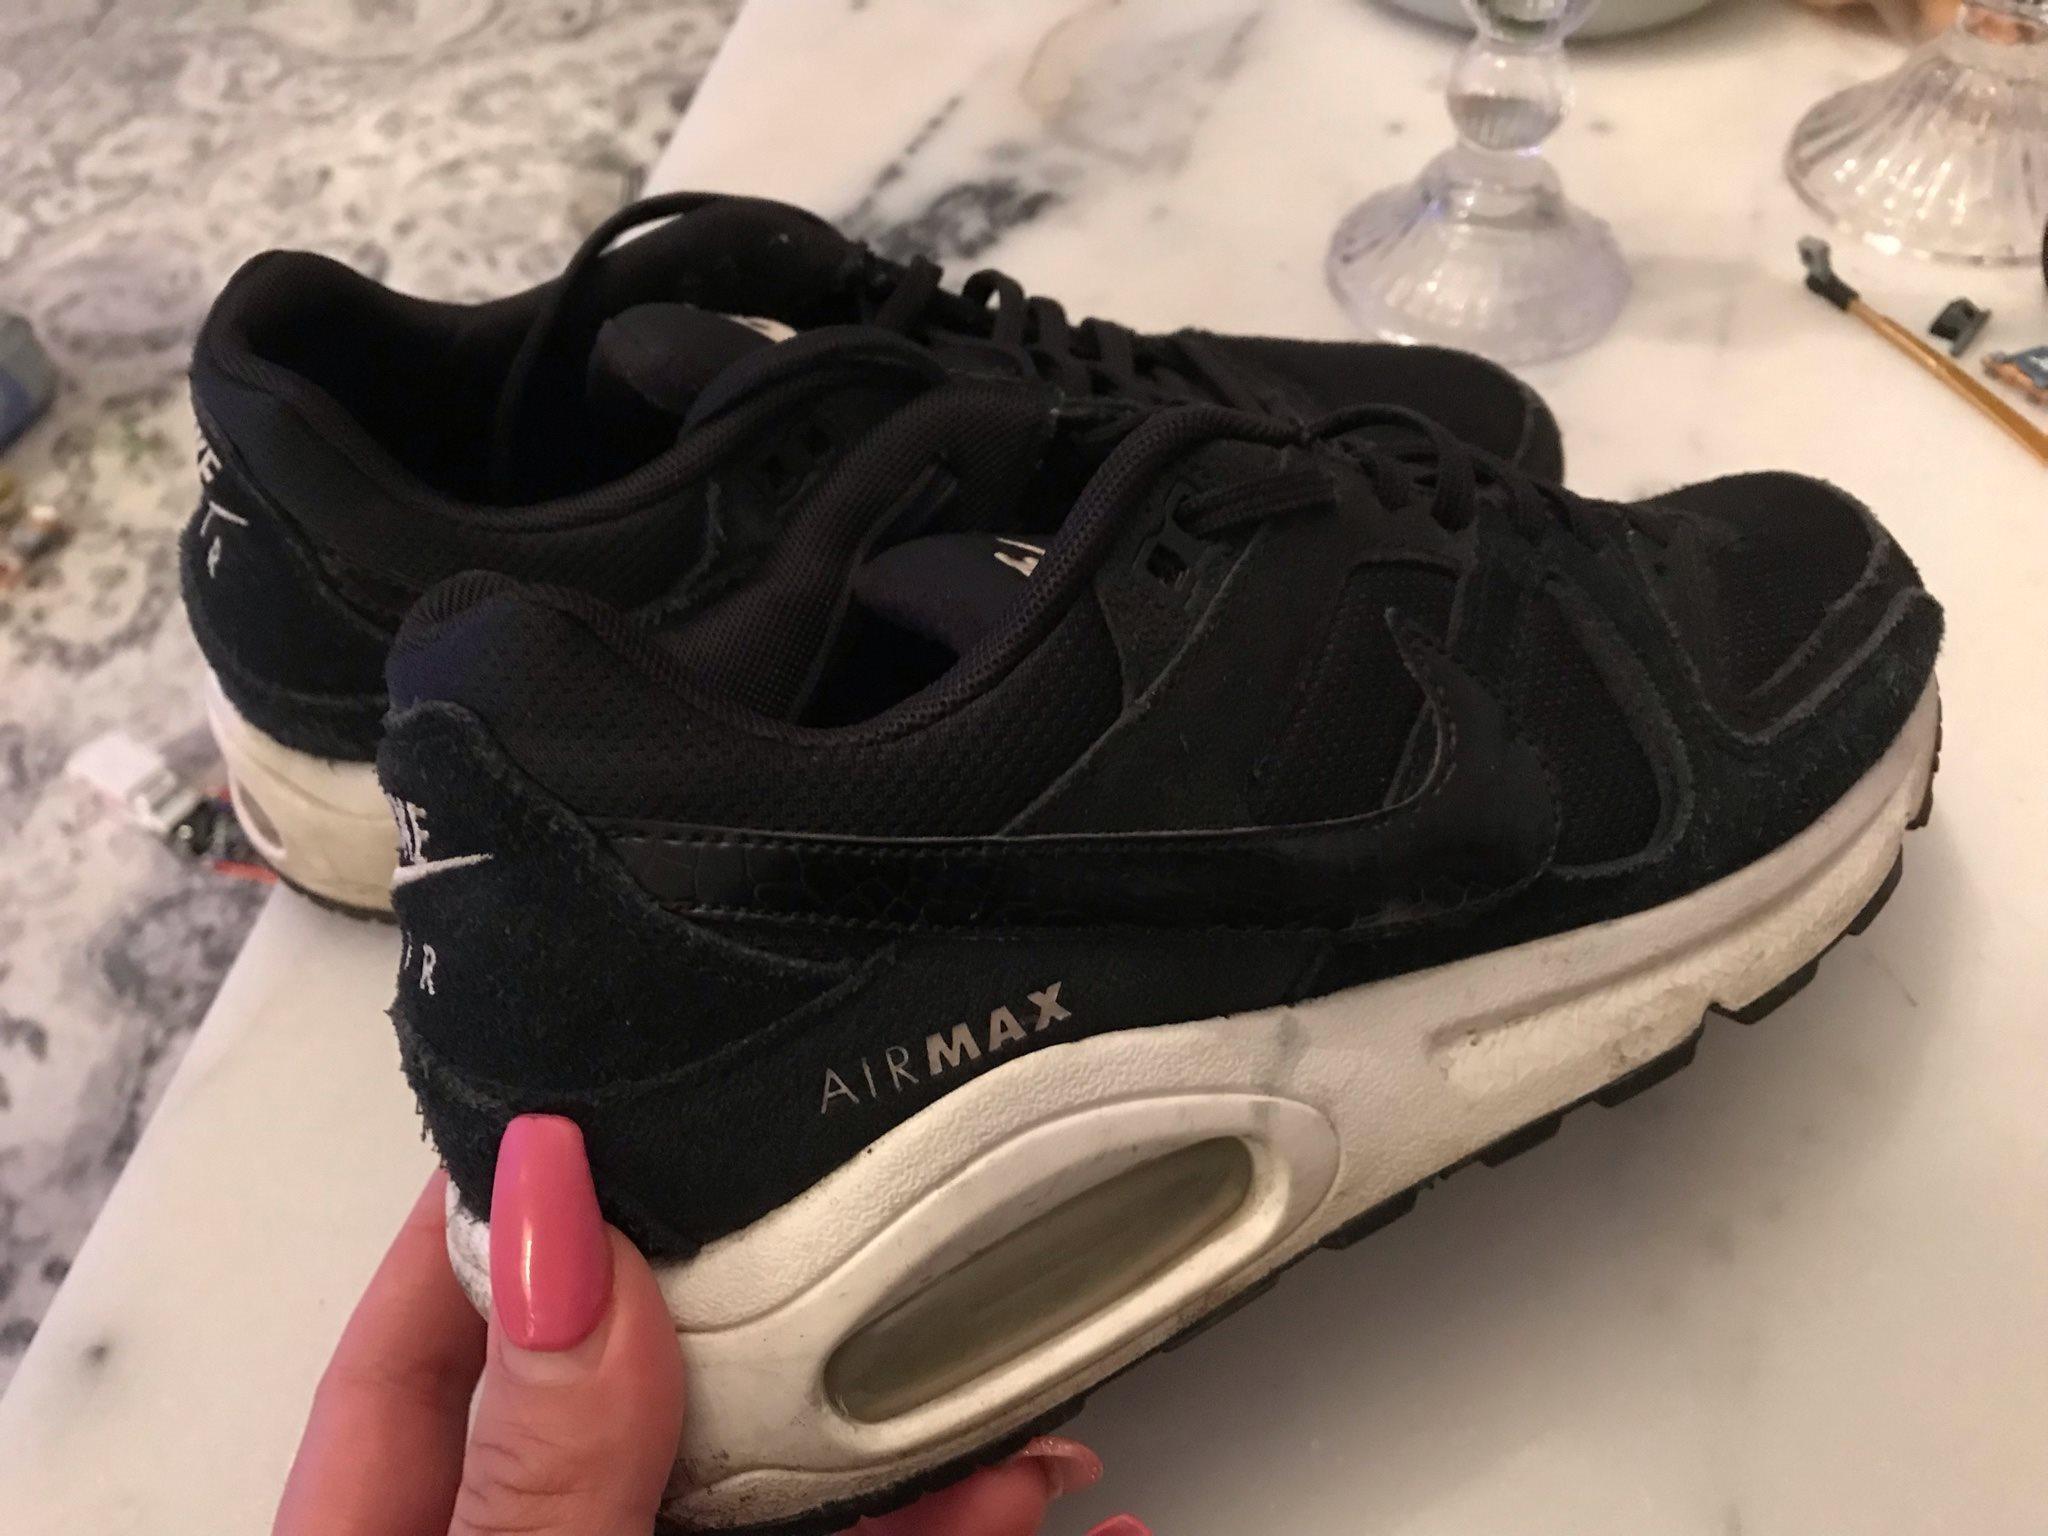 new style b0990 34caa Air max Nike (337170141) ᐈ Köp på Tradera